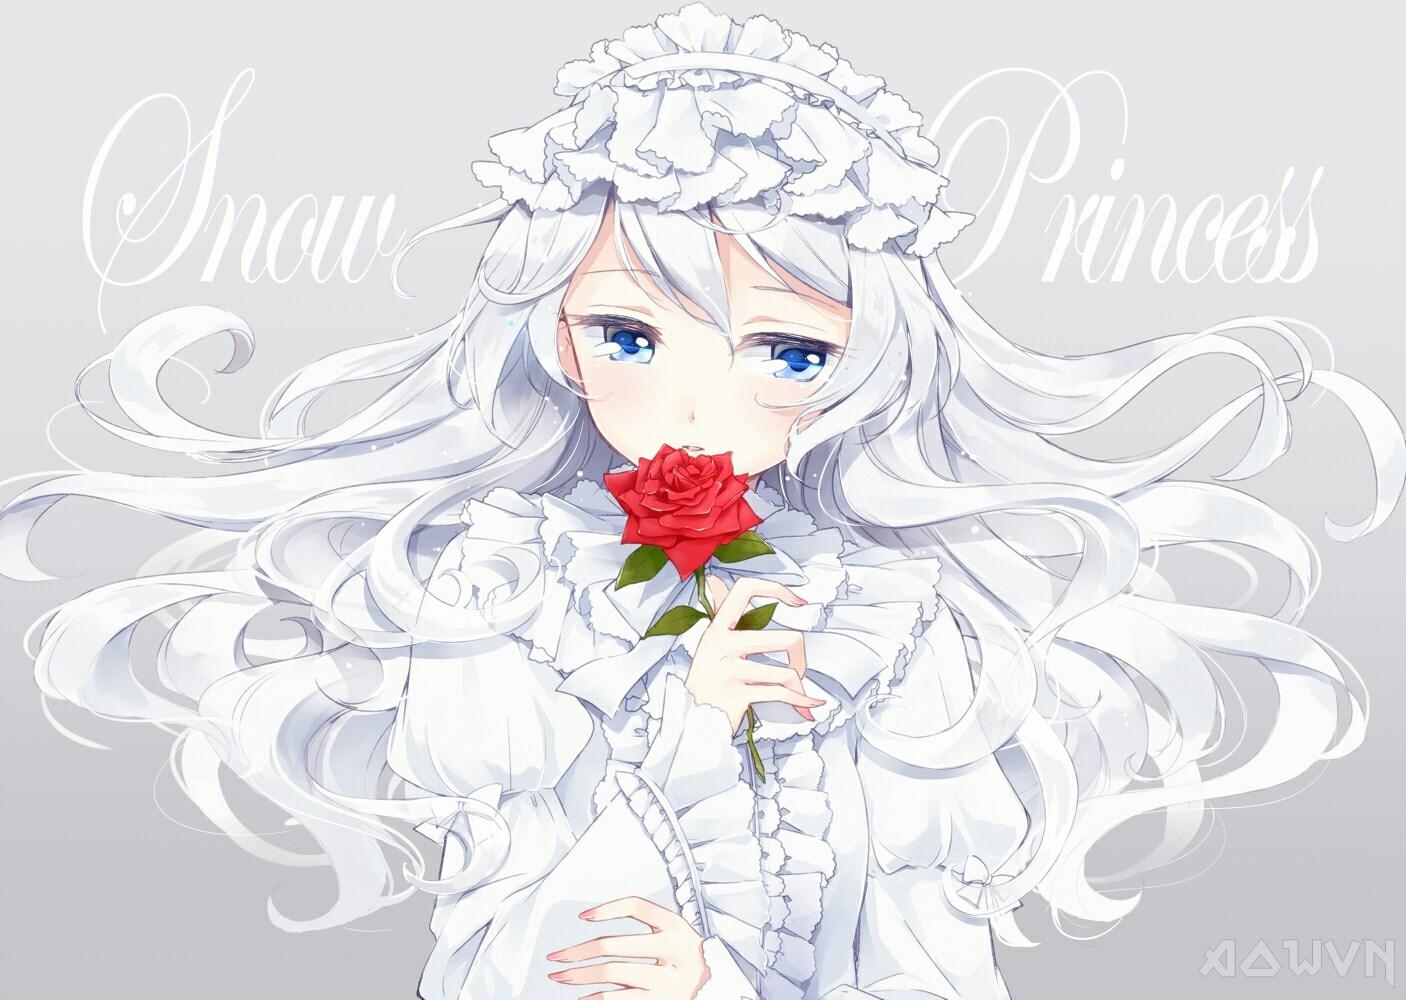 27 AowVN.org m - [ Hình Nền ] Anime cho điện thoại cực đẹp , cực độc | Wallpaper